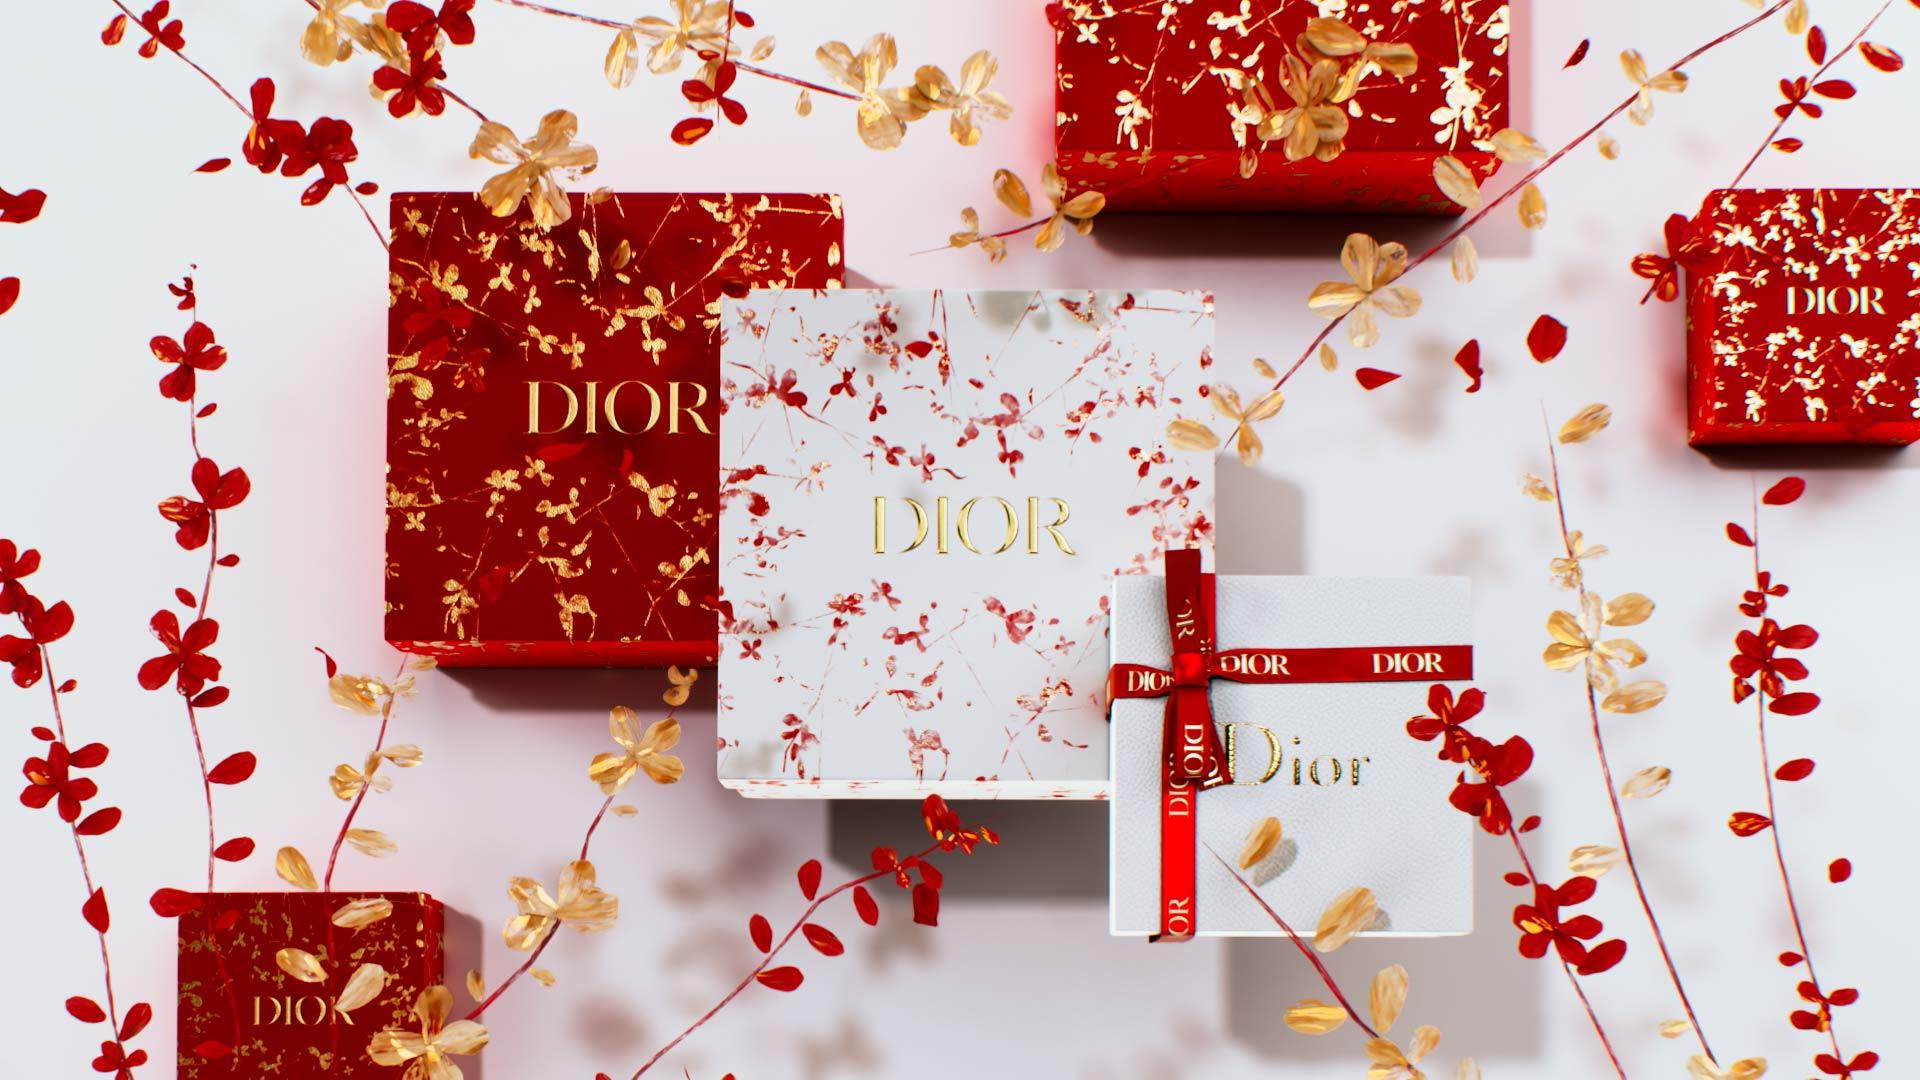 Visuel 3D du Nouvel An chinois avec une boîte Dior et des fleurs dorées